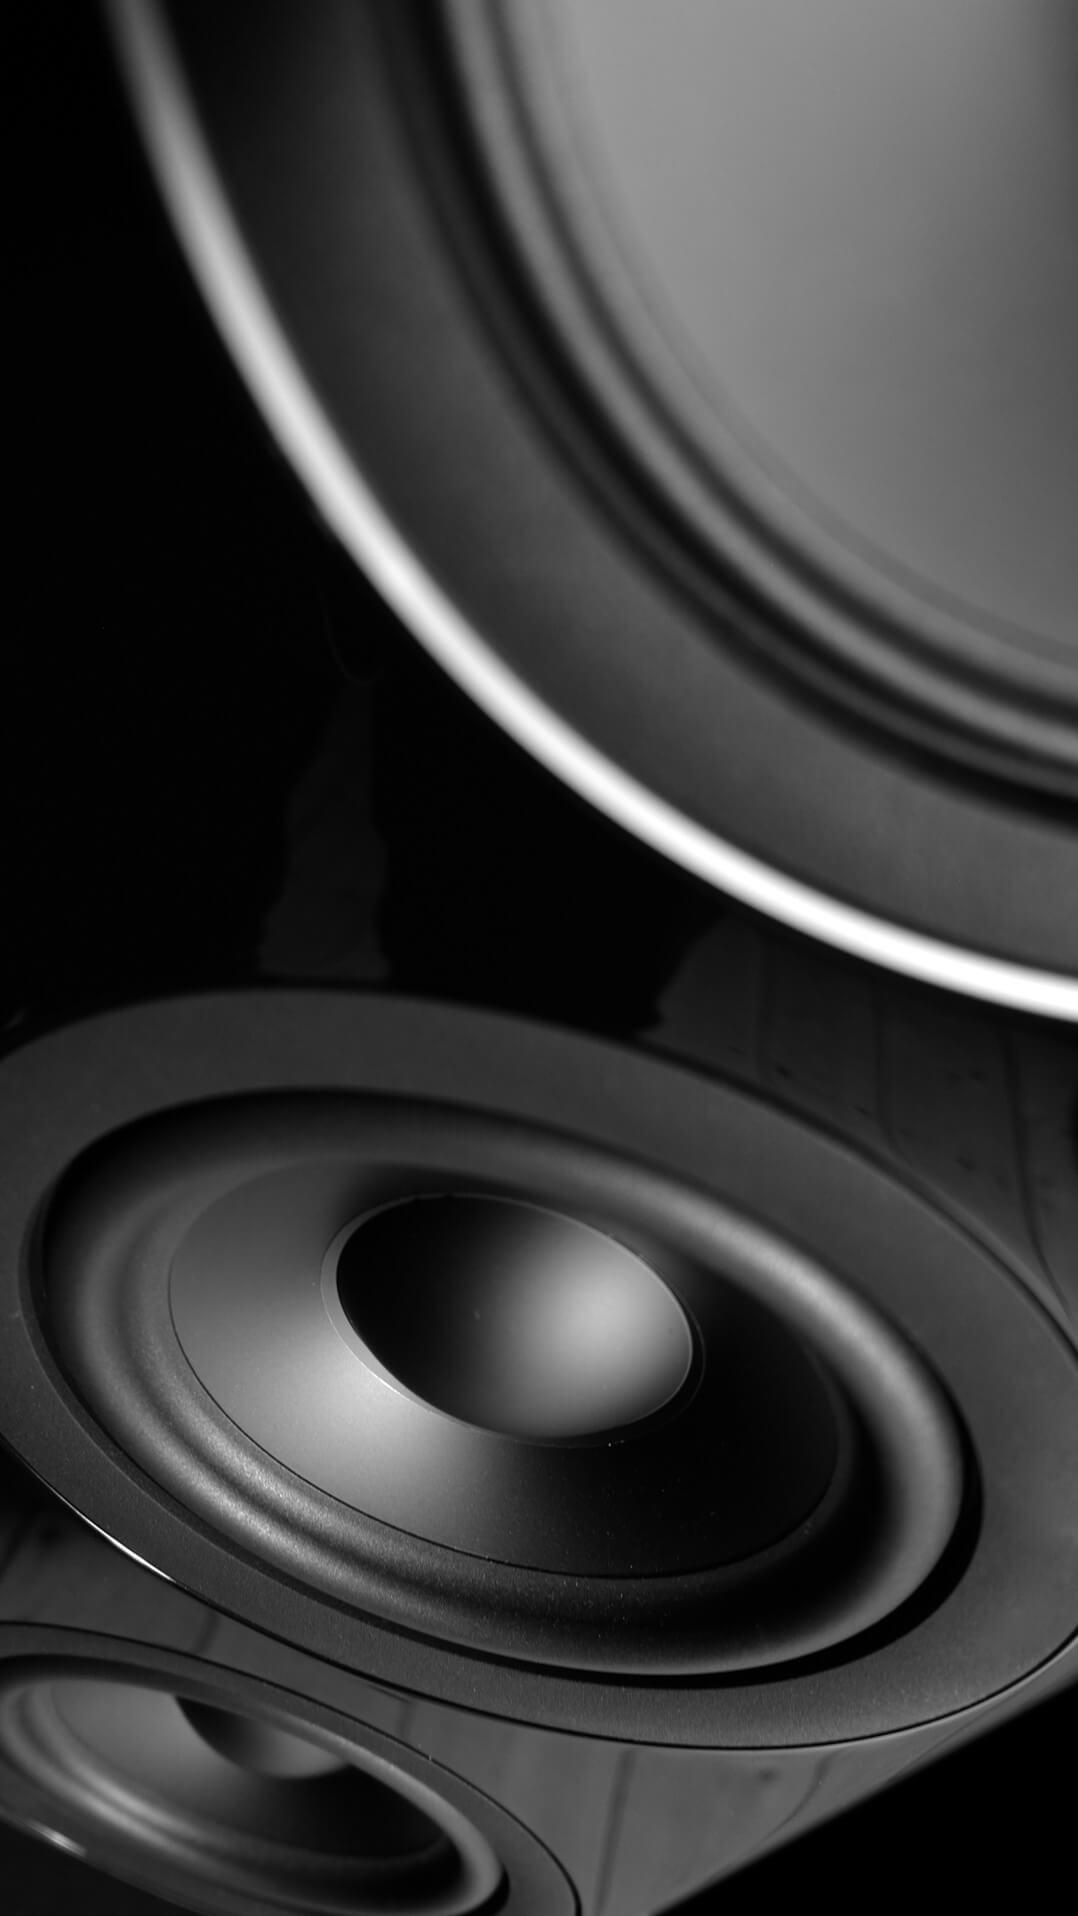 Technics SB-G90 Lautsprecher vorne Detail